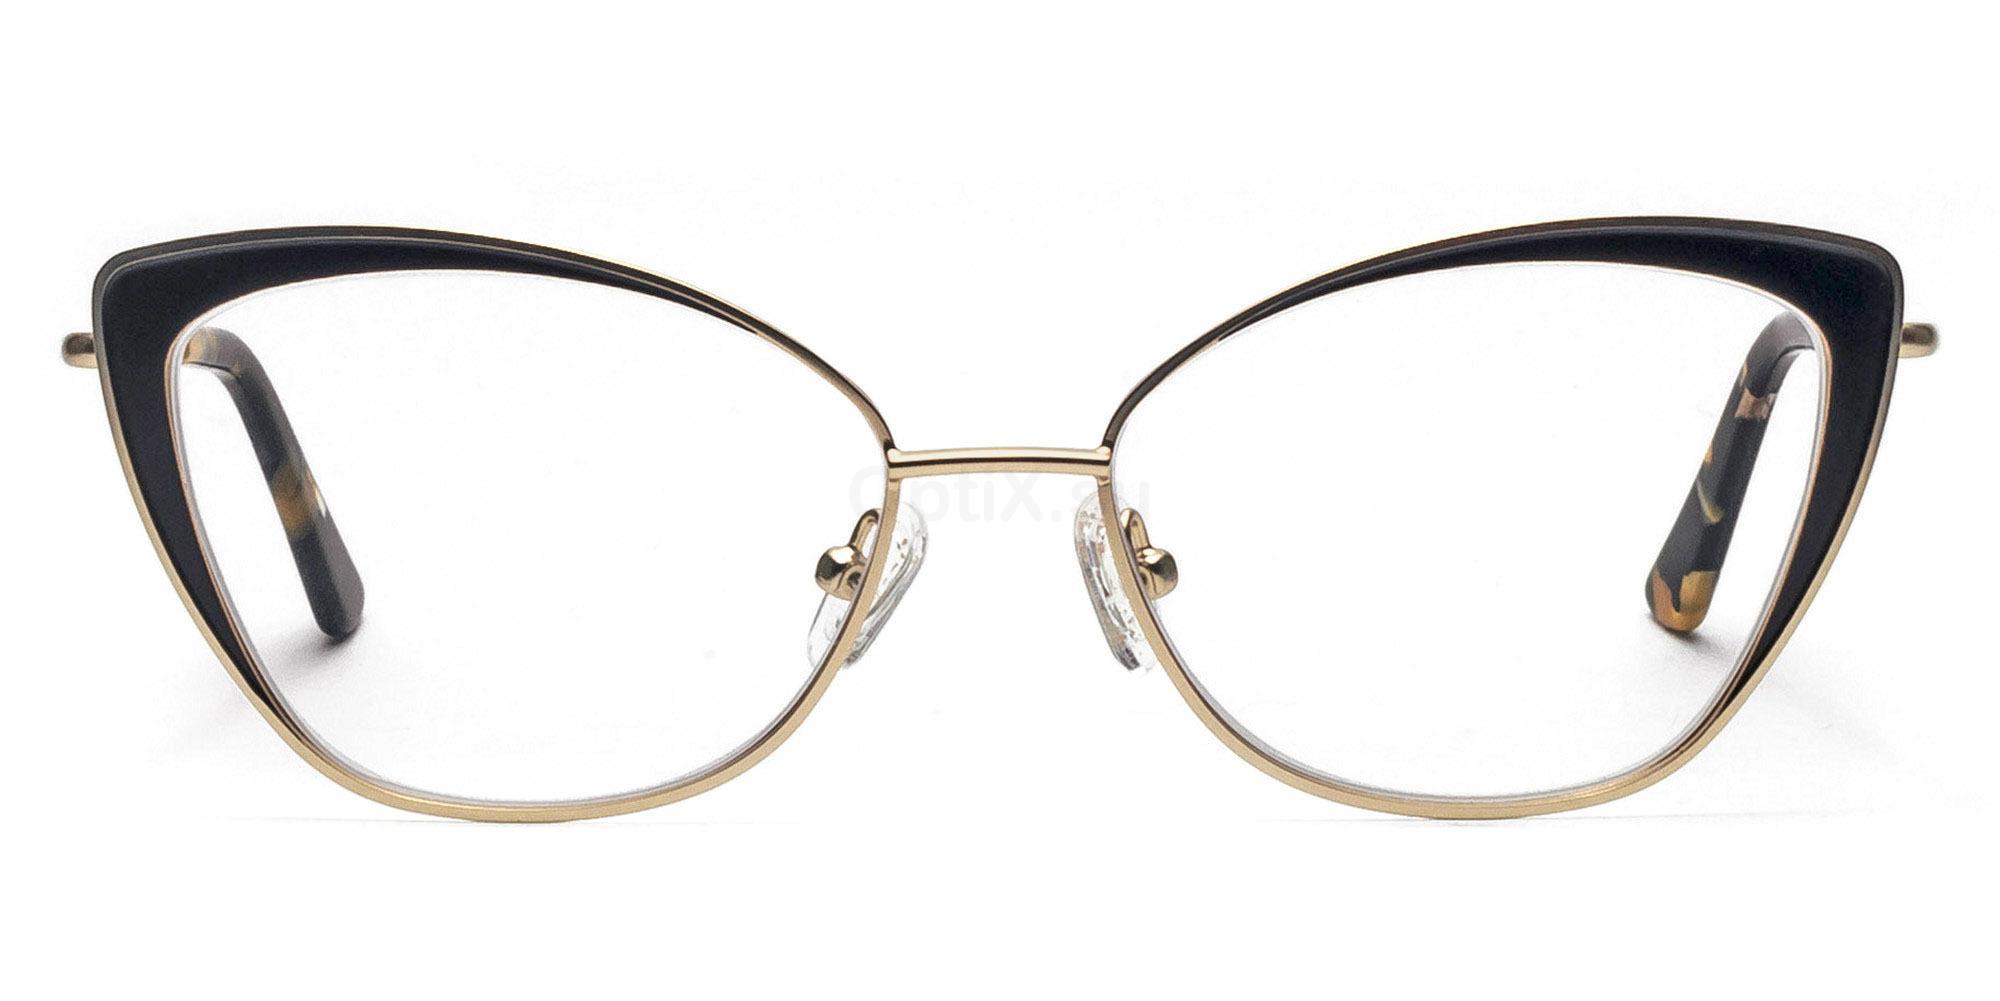 C1 M7007 Glasses, SelectSpecs